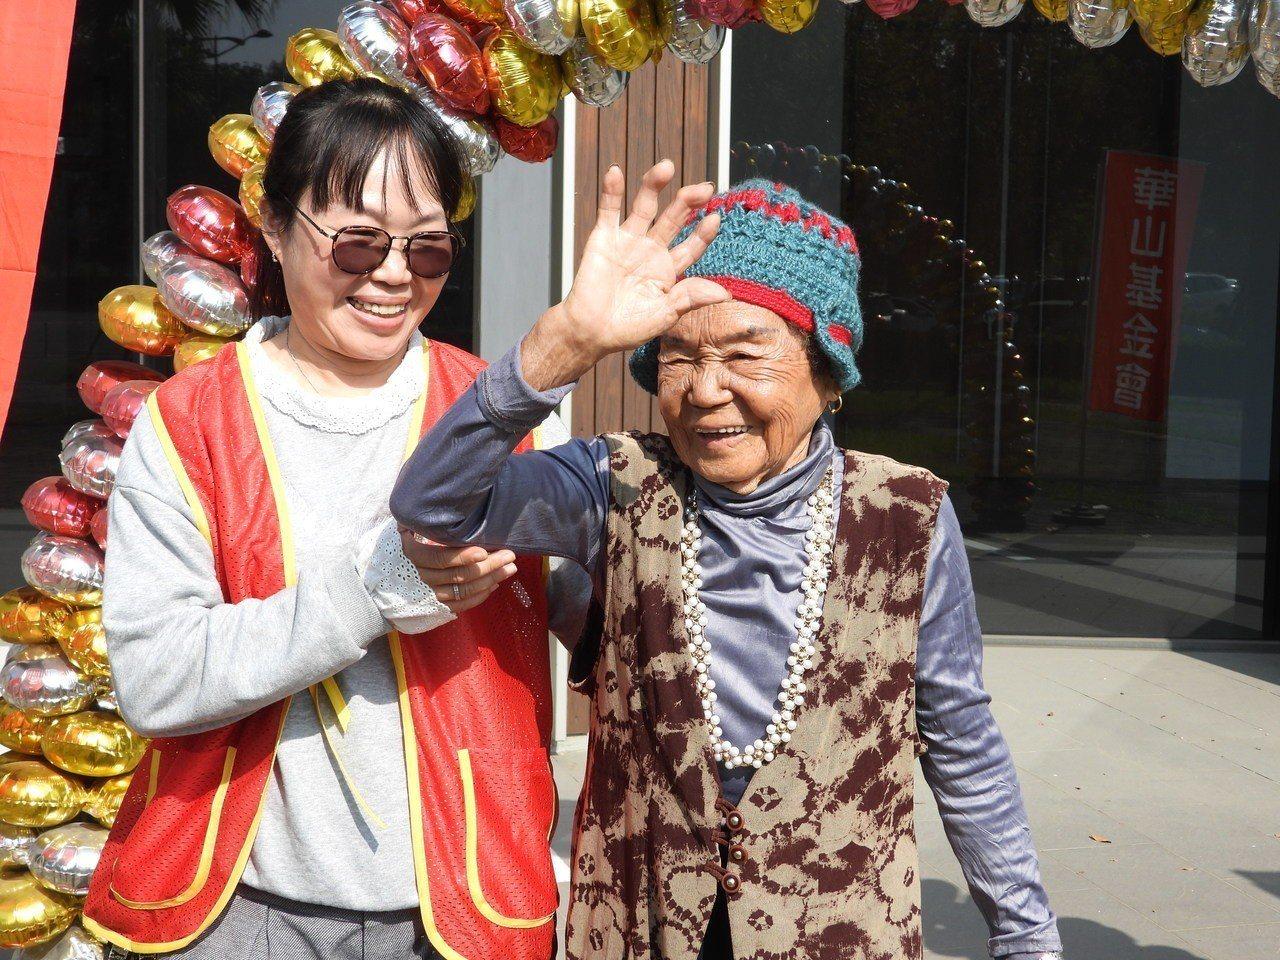 97歲王阿嬤開心揮手展示新毛織帽。記者周宗禎/攝影